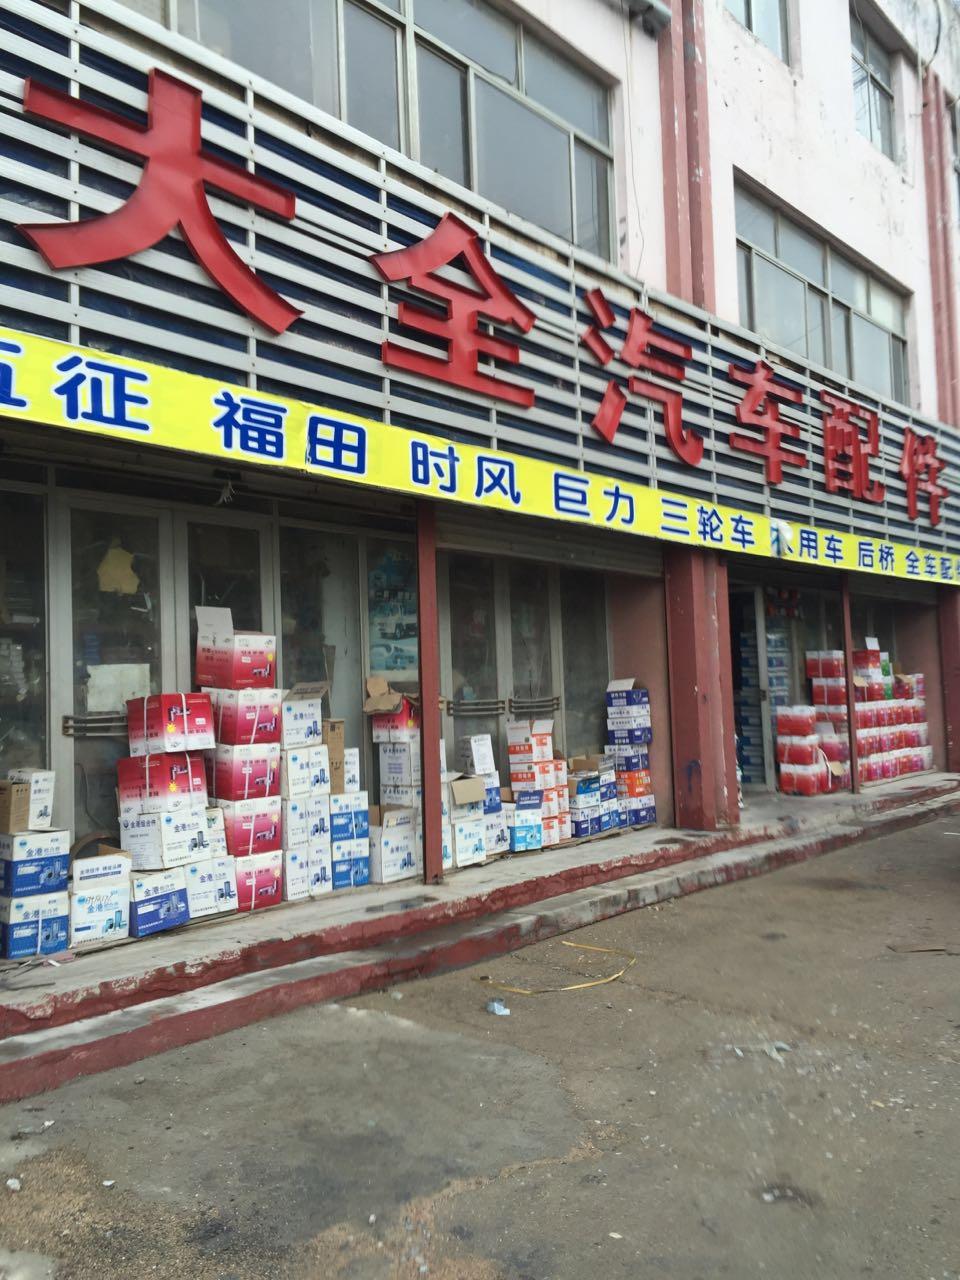 买配件就到青州市大全汽车配件商场不用东奔西走|行业资讯-青州市大全汽车配件商场